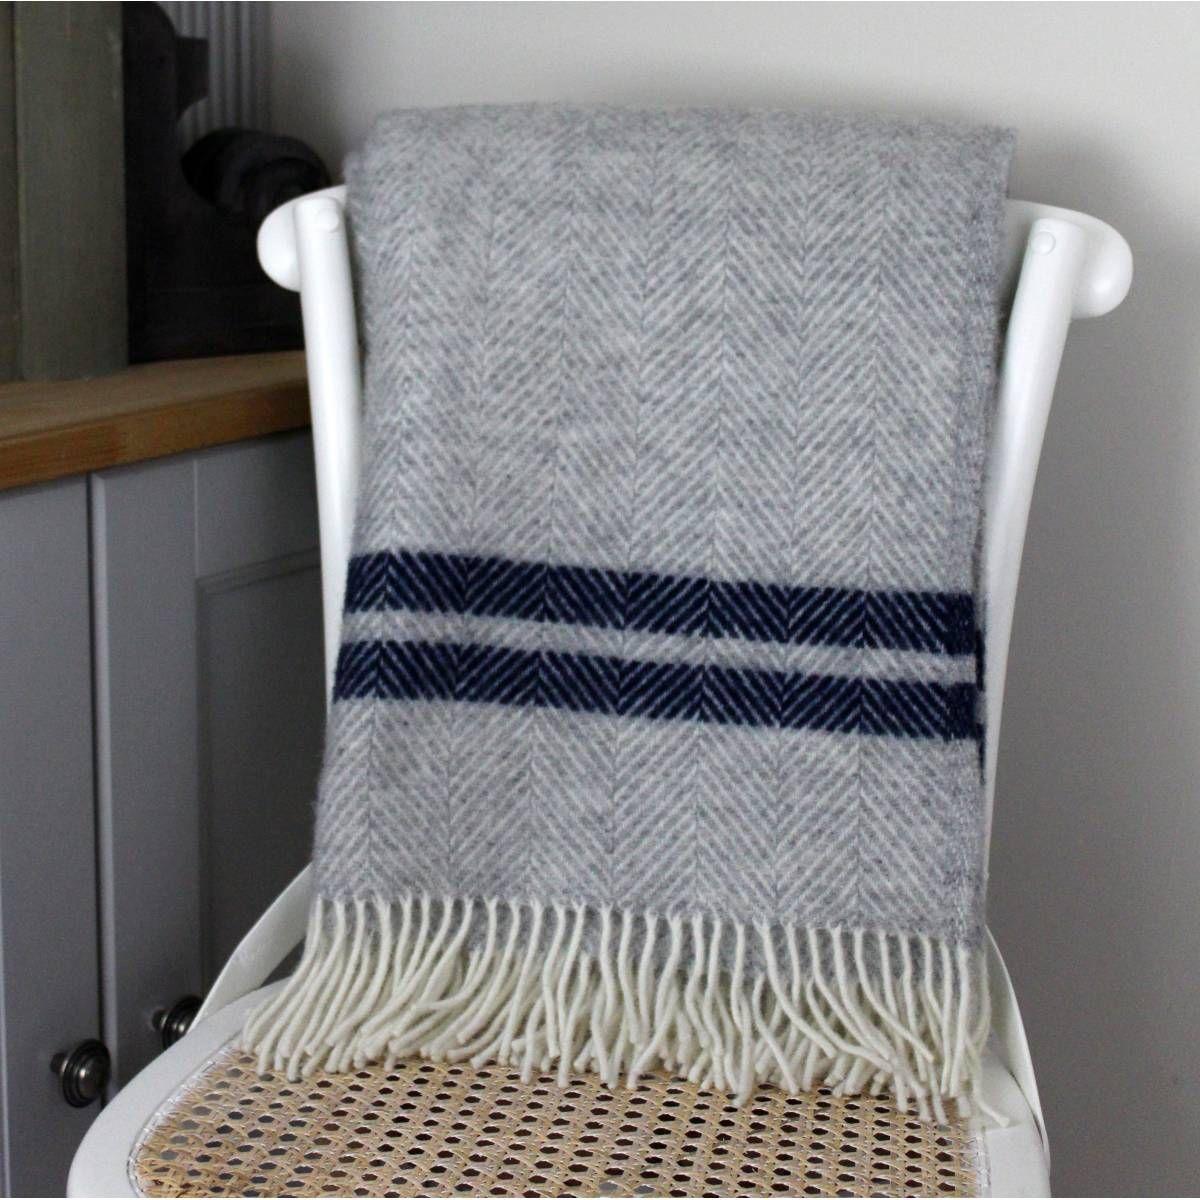 Pure New Wool Throw Grey And Navy Blue Herringbone Design 100 Wool Wool Throw Blanket Luxury Blanket Wool Throw